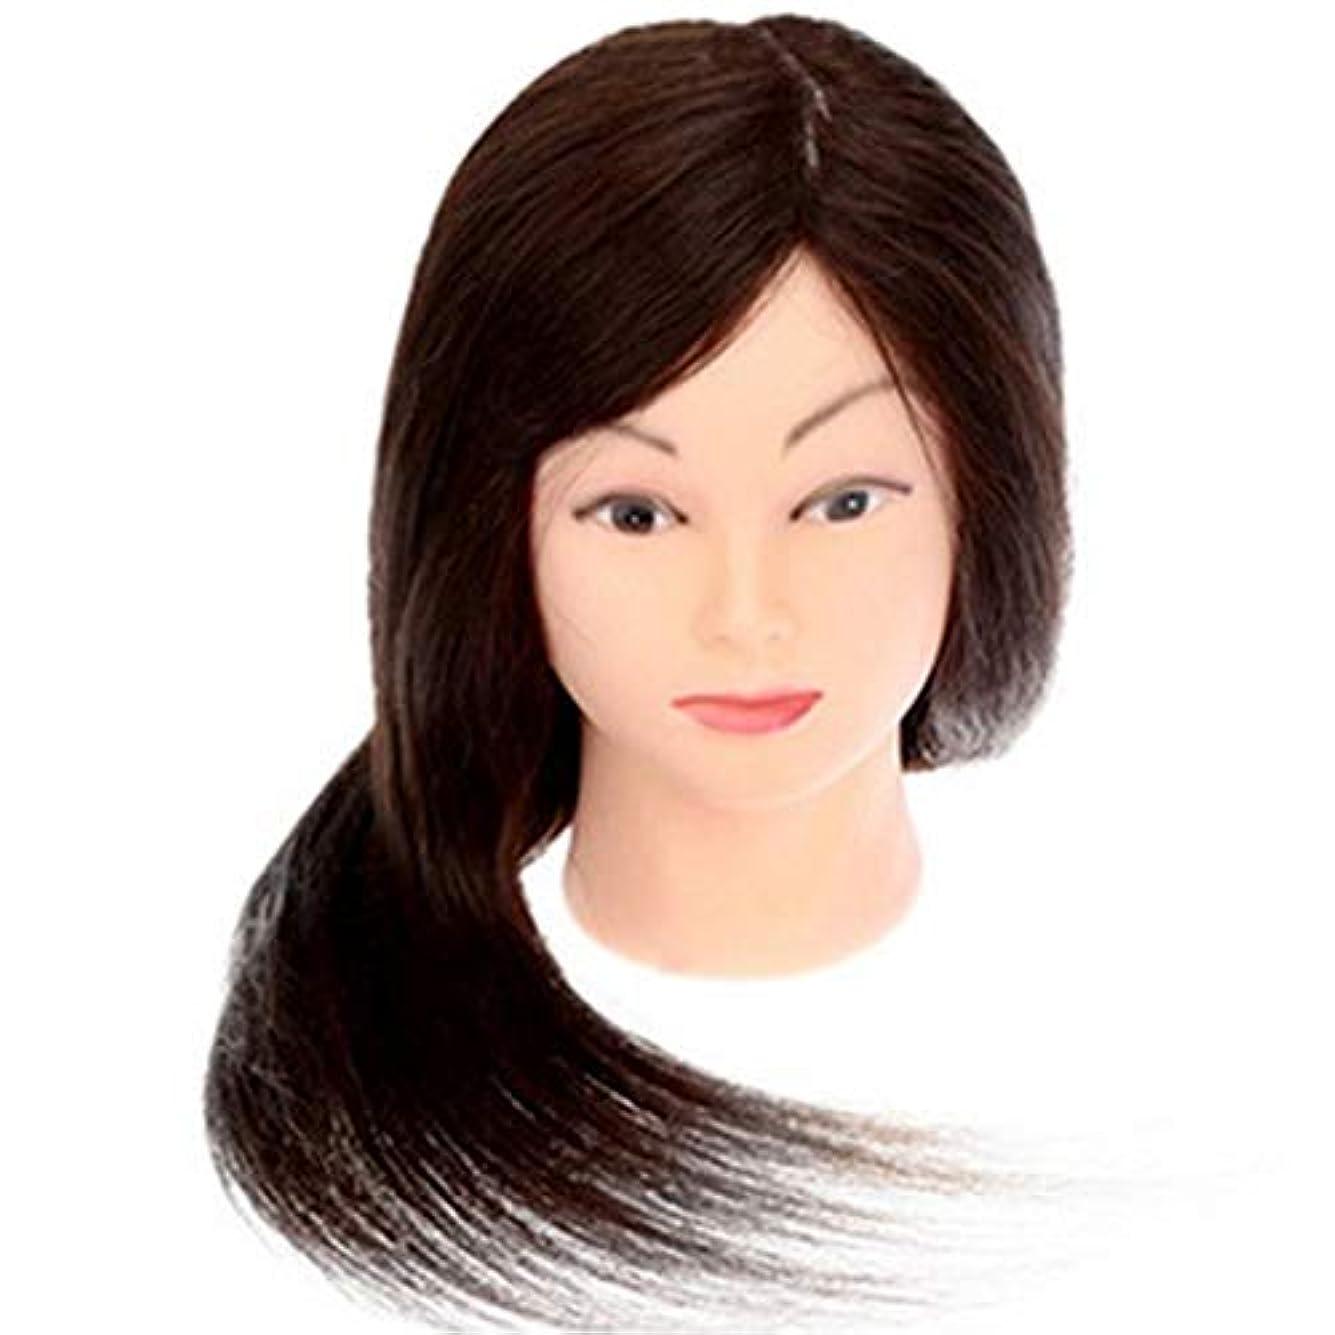 葉巻うま形状メイクアップエクササイズディスク髪編組ヘッド金型デュアルユースダミーヘッドモデルヘッド美容ヘアカットティーチングヘッドかつら